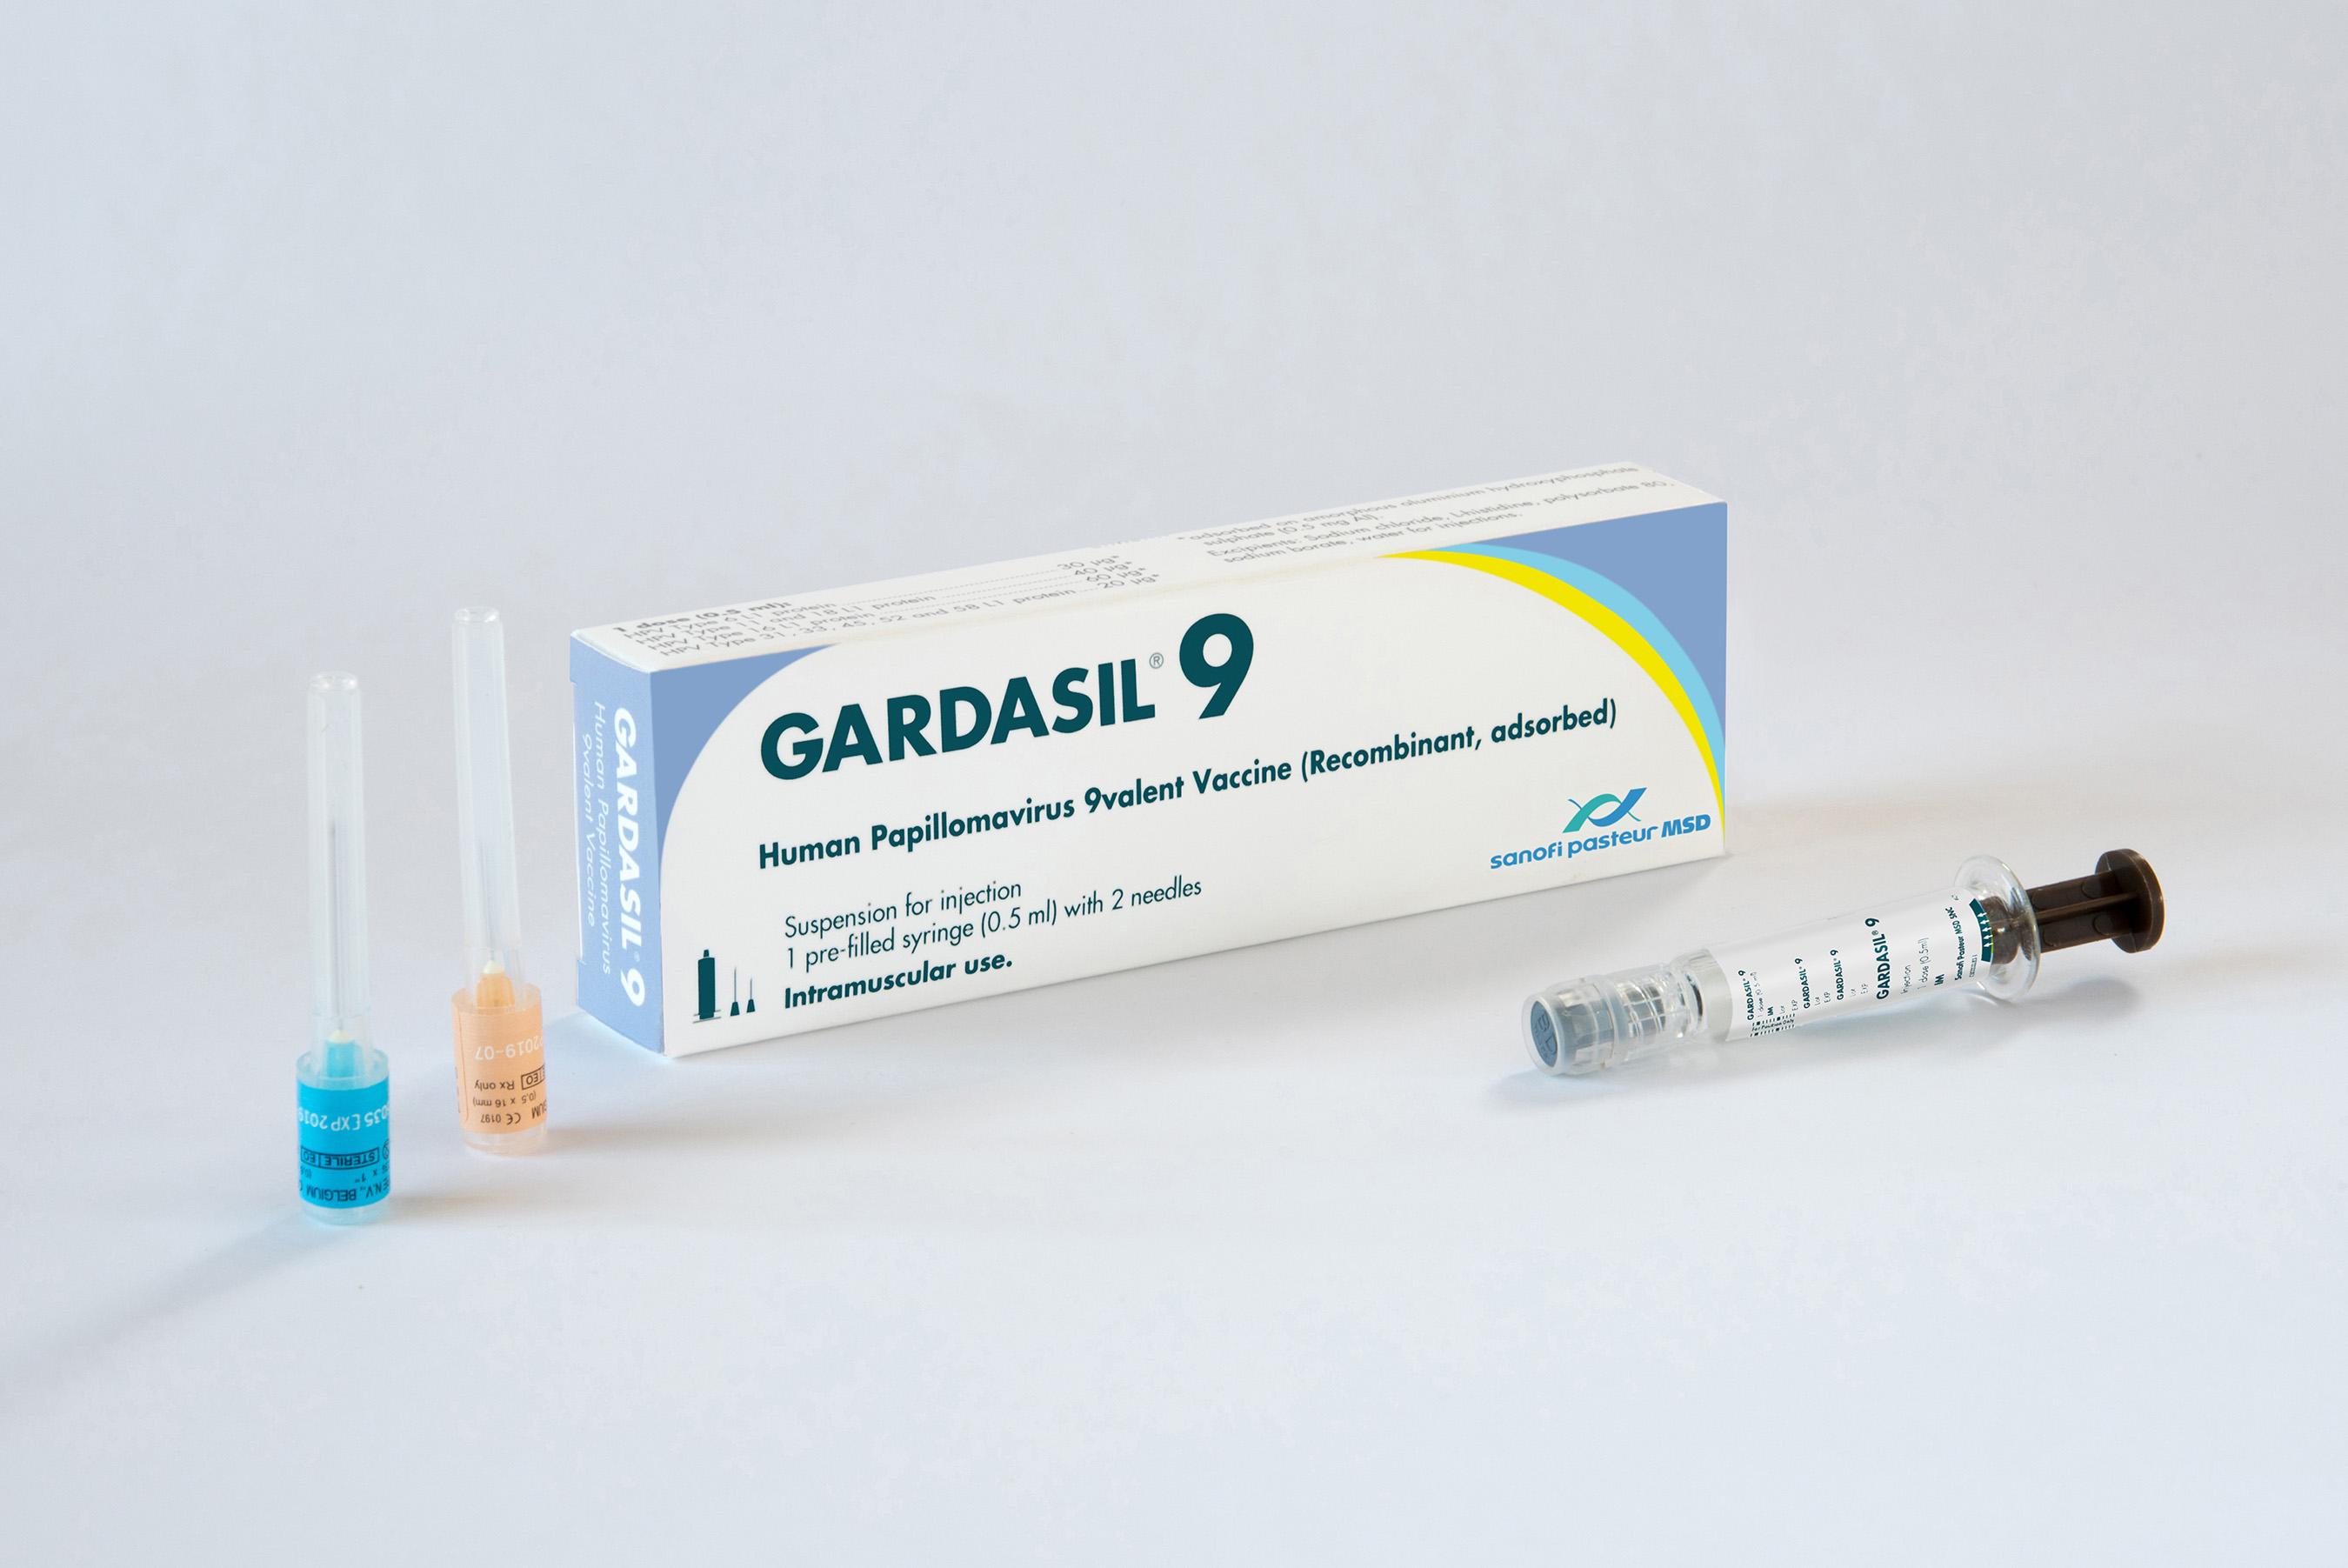 gardasil vaccine)